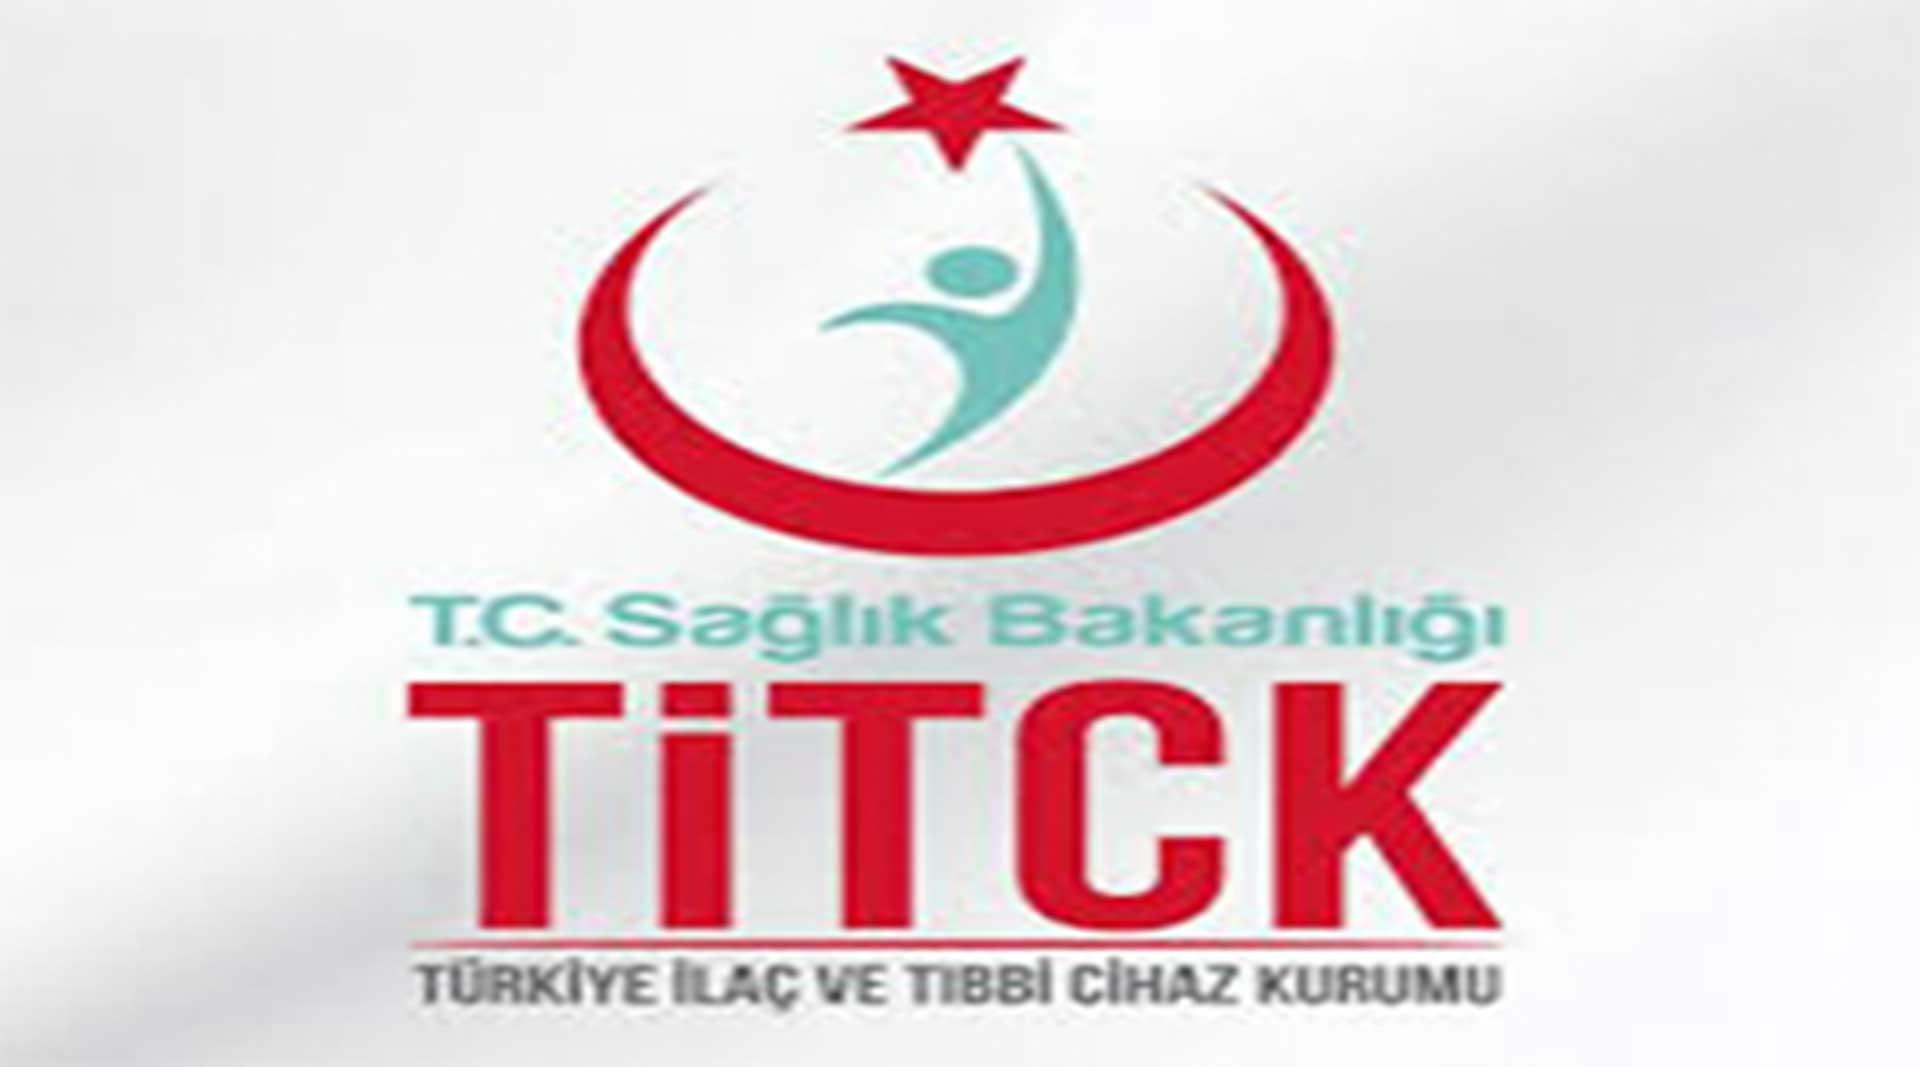 Türkiye & Sudan 14. Dönem Karma Ekonomik Komisyonu toplantısı hakkında